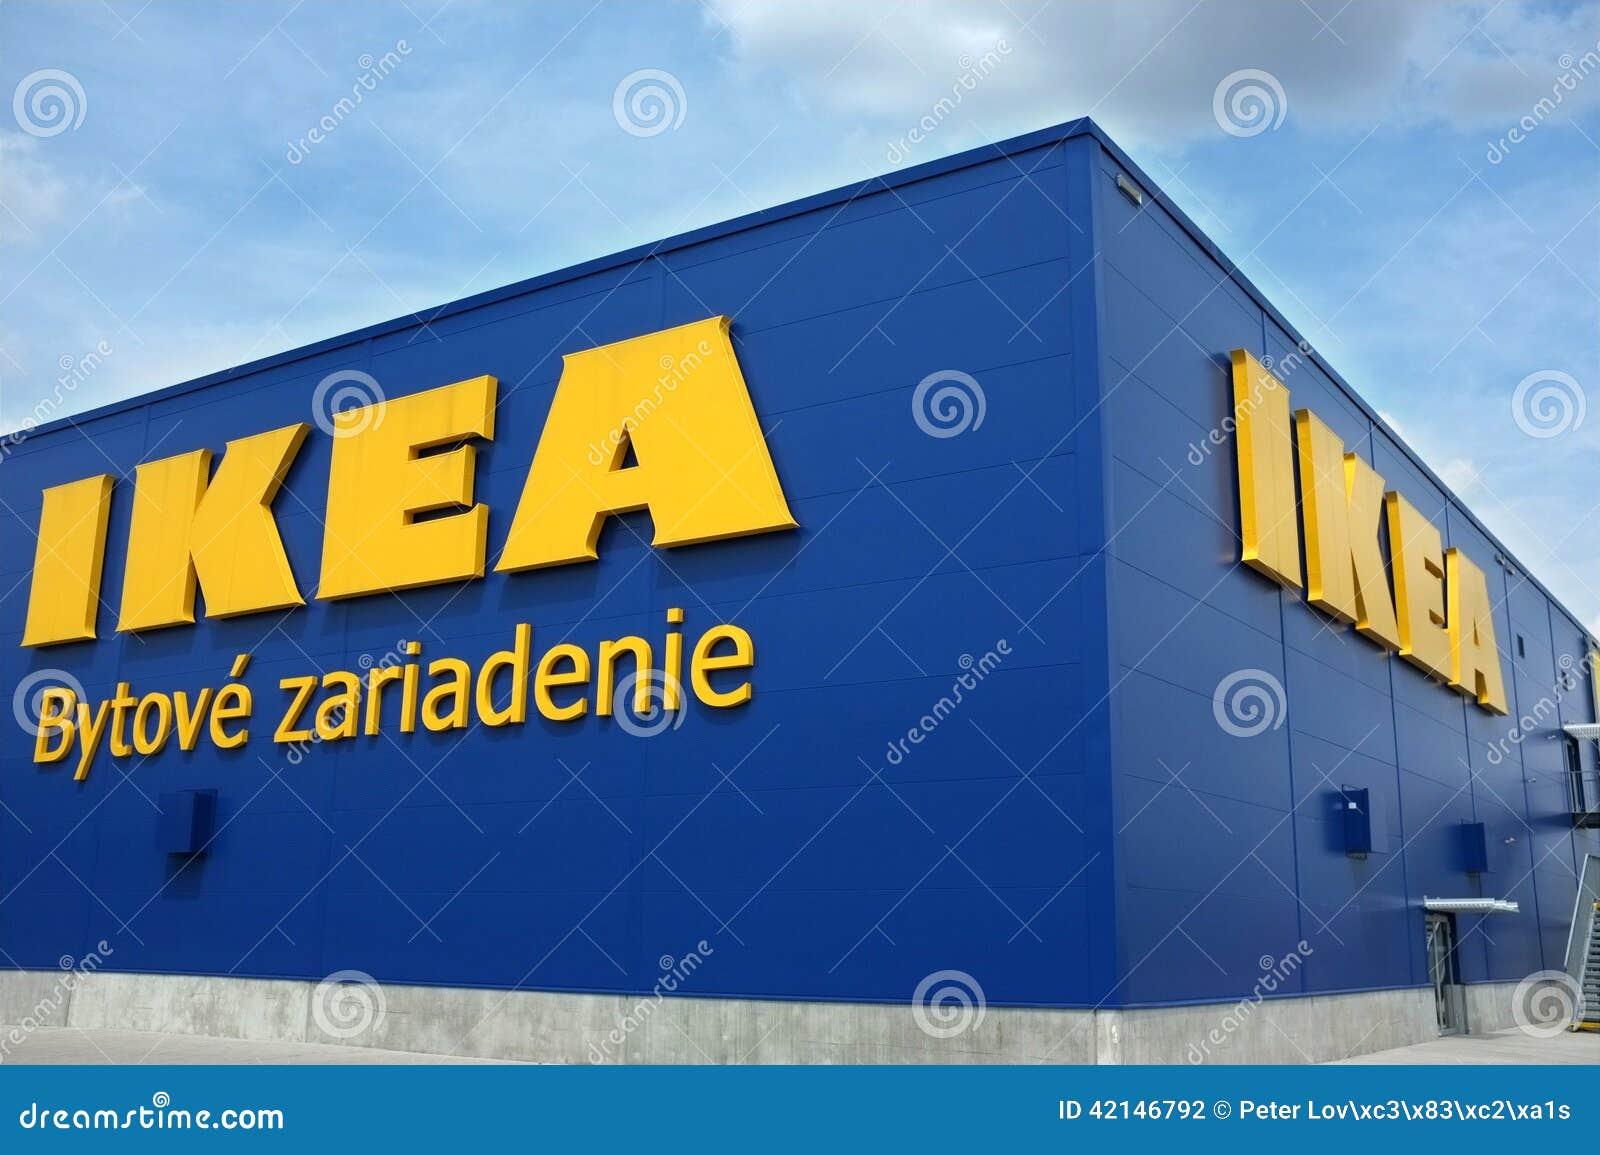 Ikea словакия колледжи москвы после 9 класса бесплатное обучение в сао